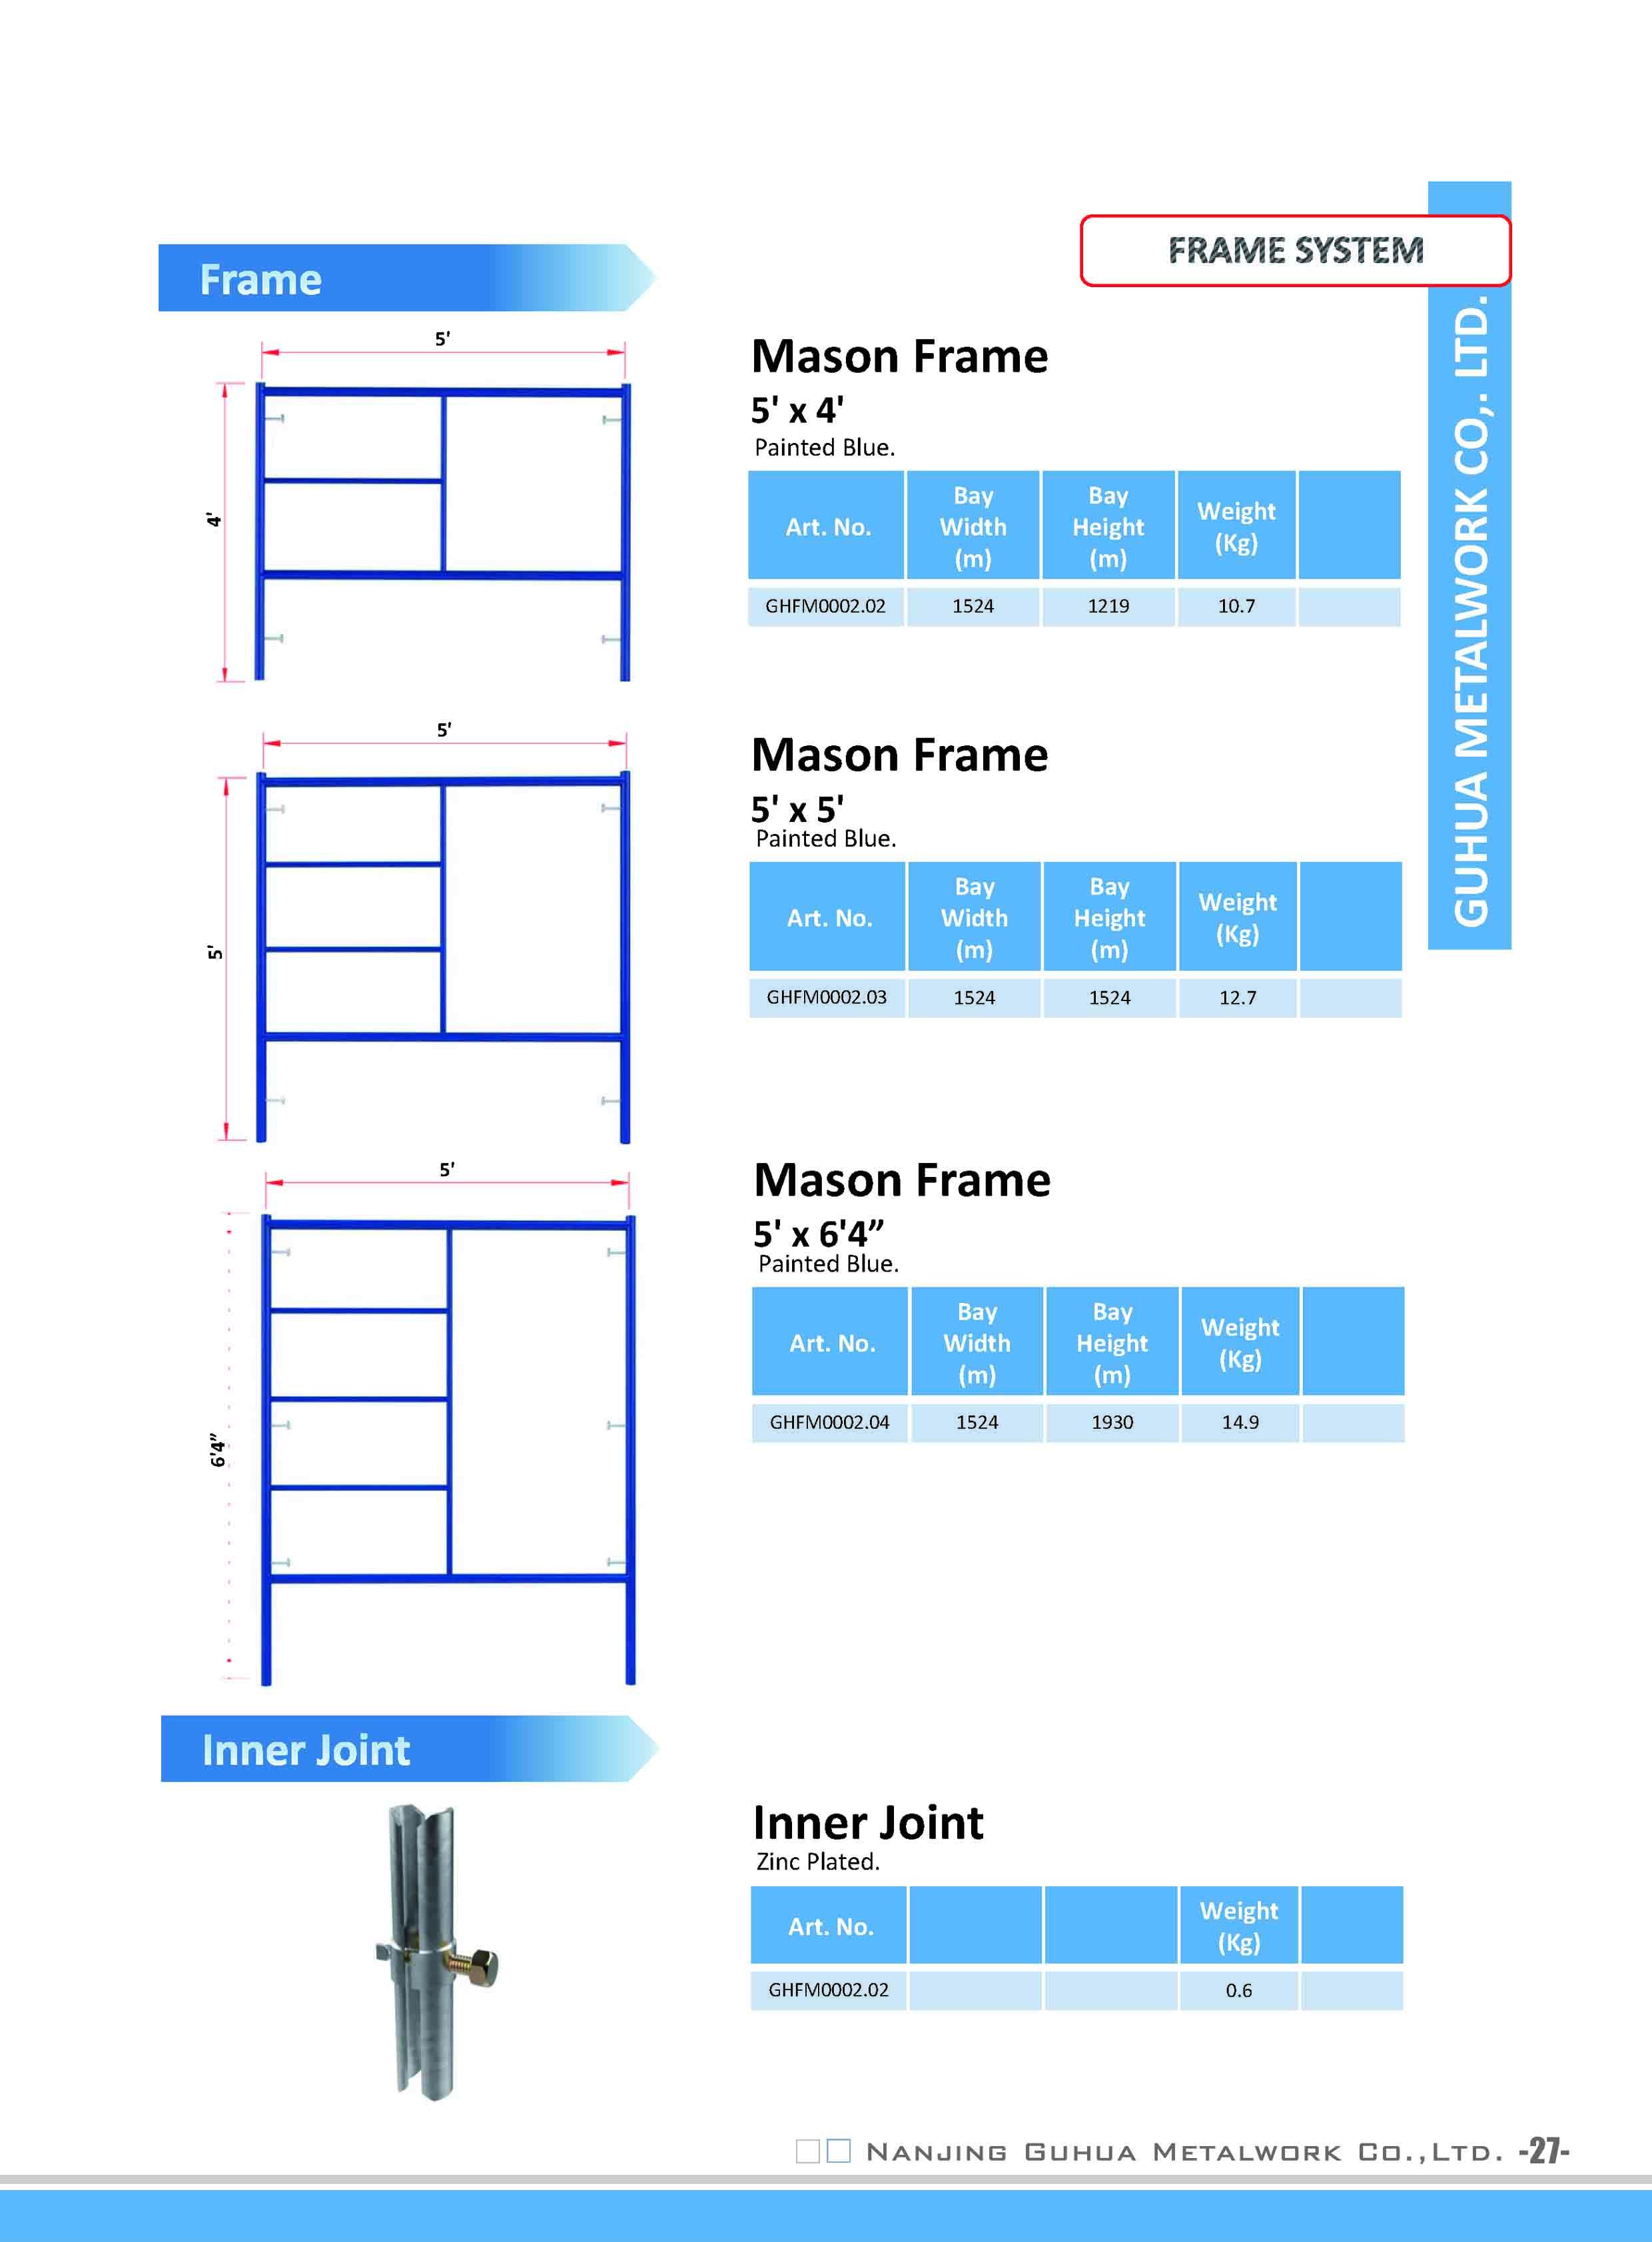 NGM_Frame scaffolding_Mason_Walkthrough_shoring_frame27